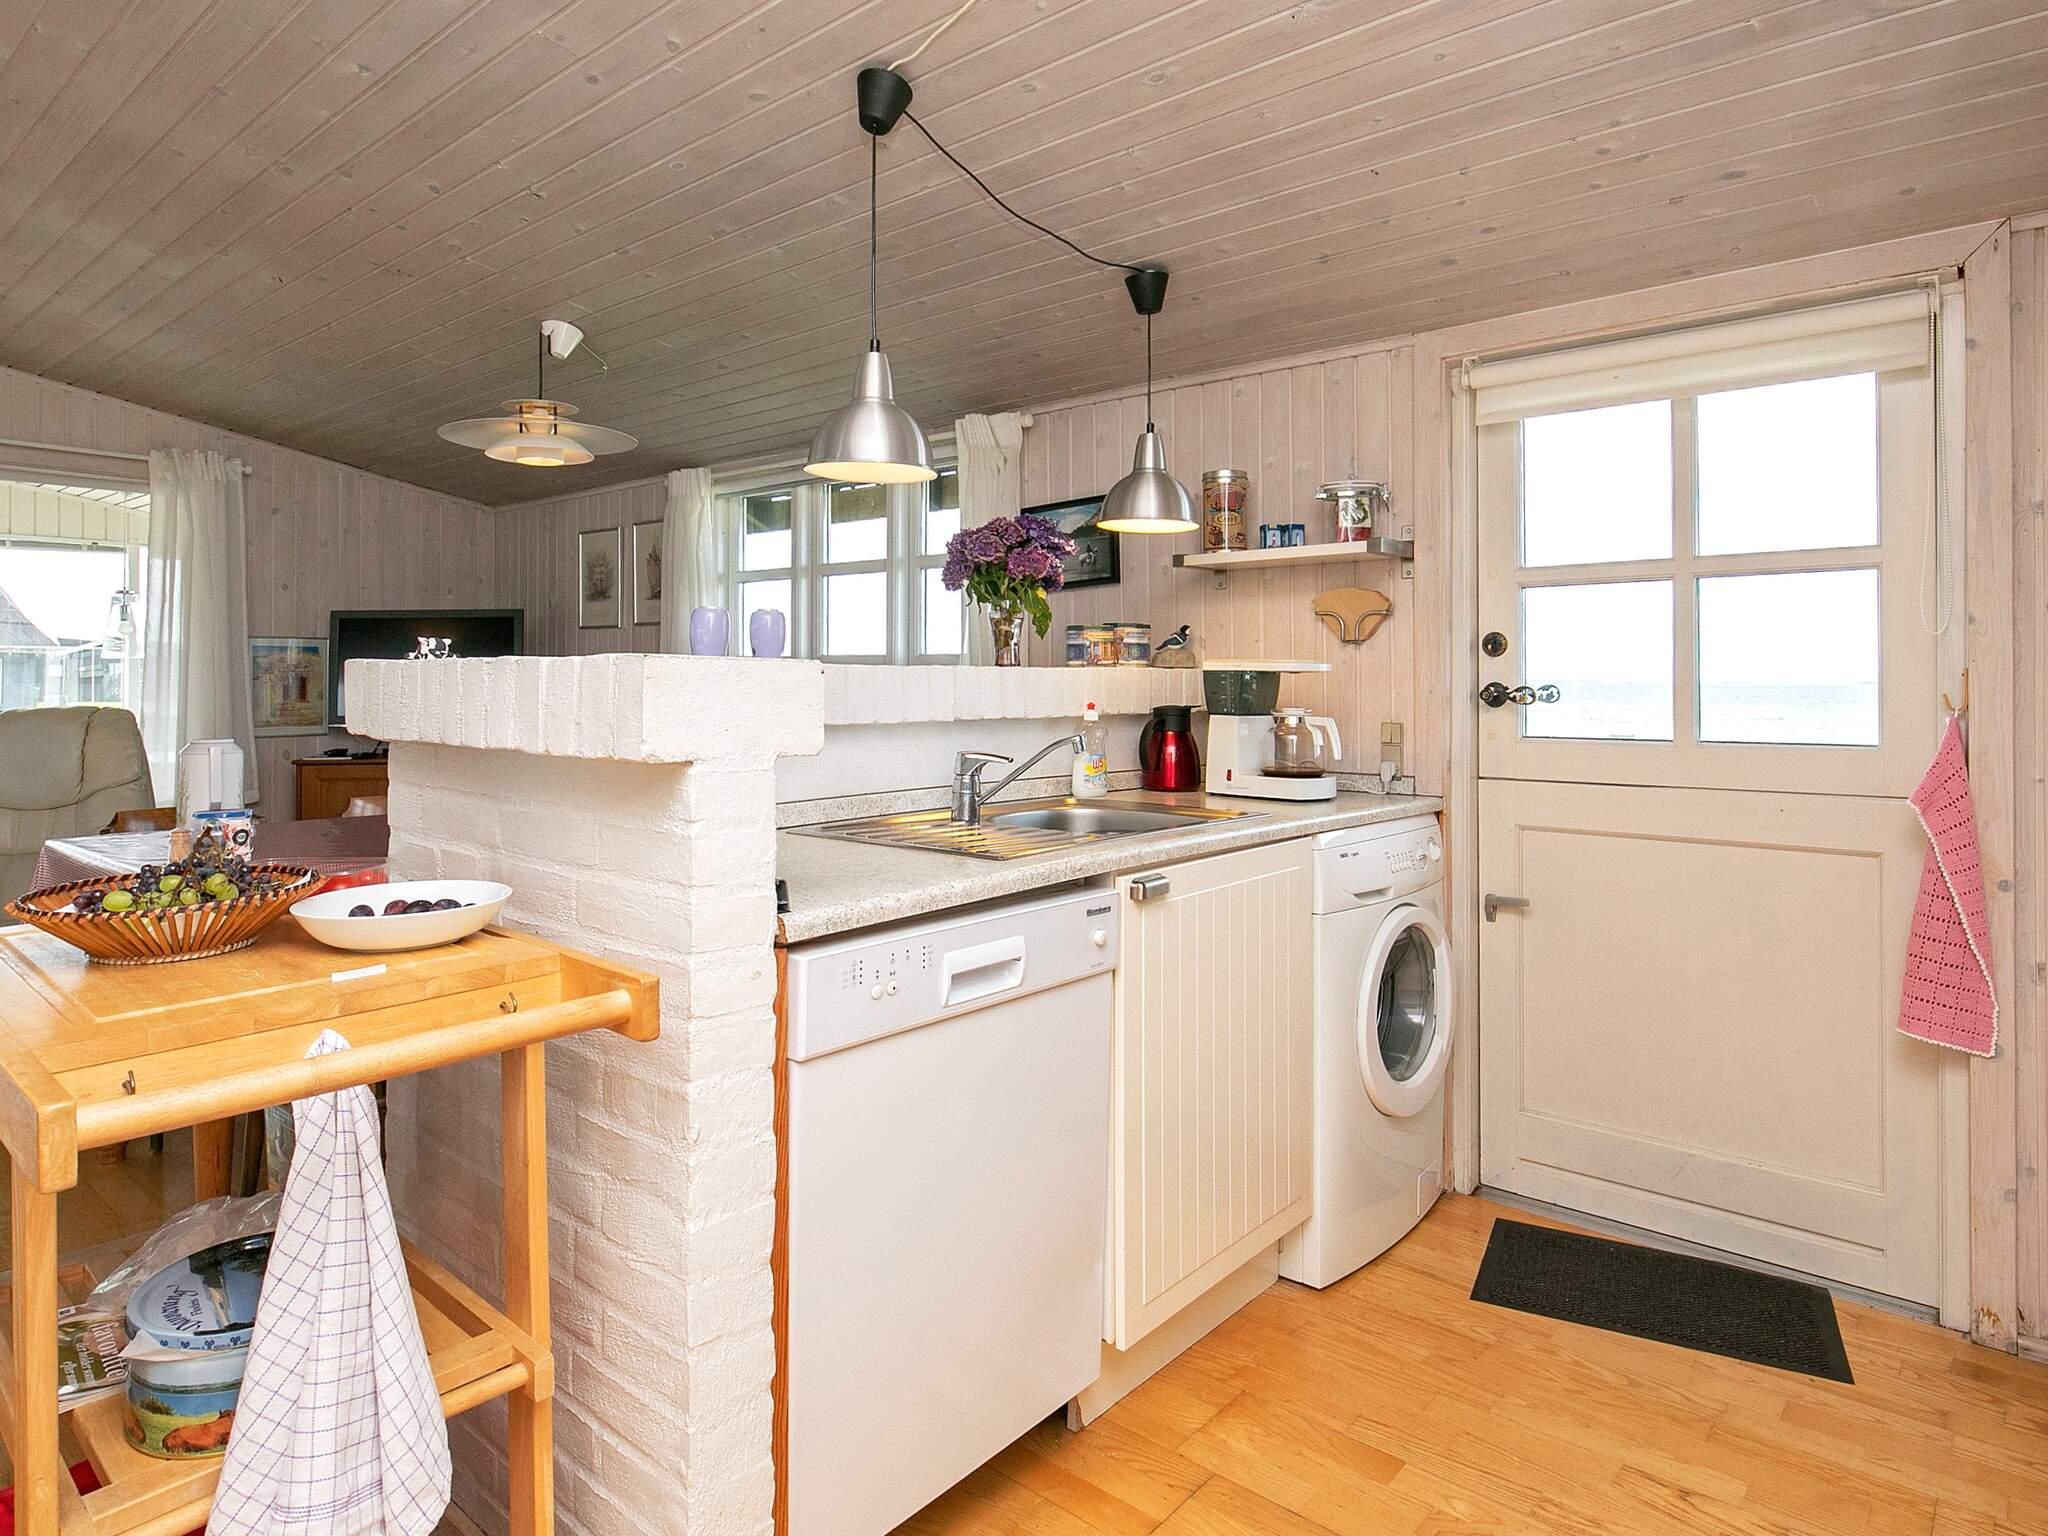 Ferienhaus Handbjerg (1079905), Handbjerg, , Westjütland, Dänemark, Bild 8